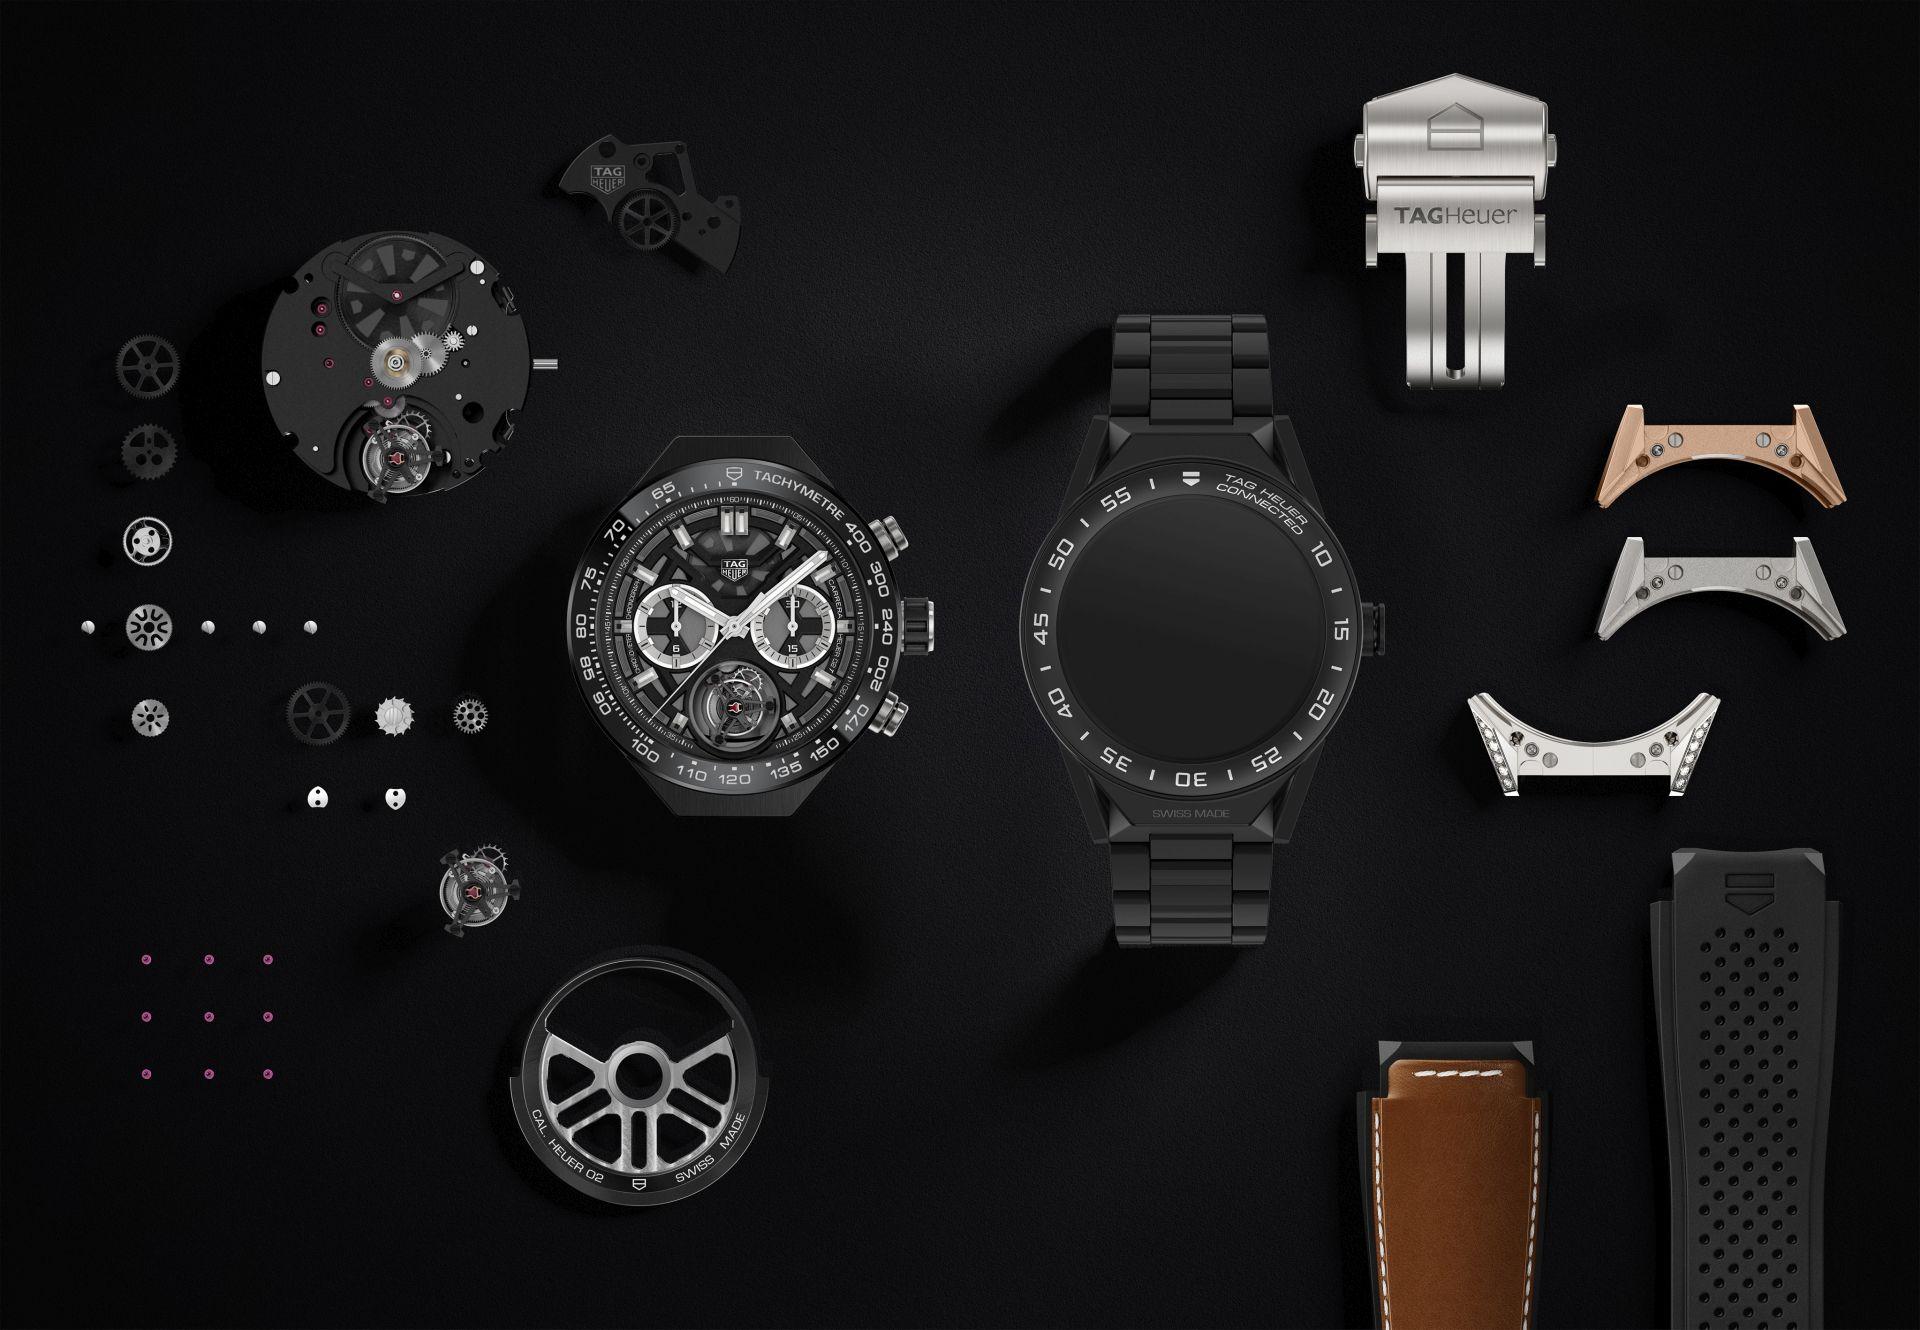 Connected Modular 45: Tag Heuers neue Smartwatch kommt mit mechanischem Uhrwerk - Die Connected Modular 45 und ihre Einzelteile (Bild: Tag Heuer)